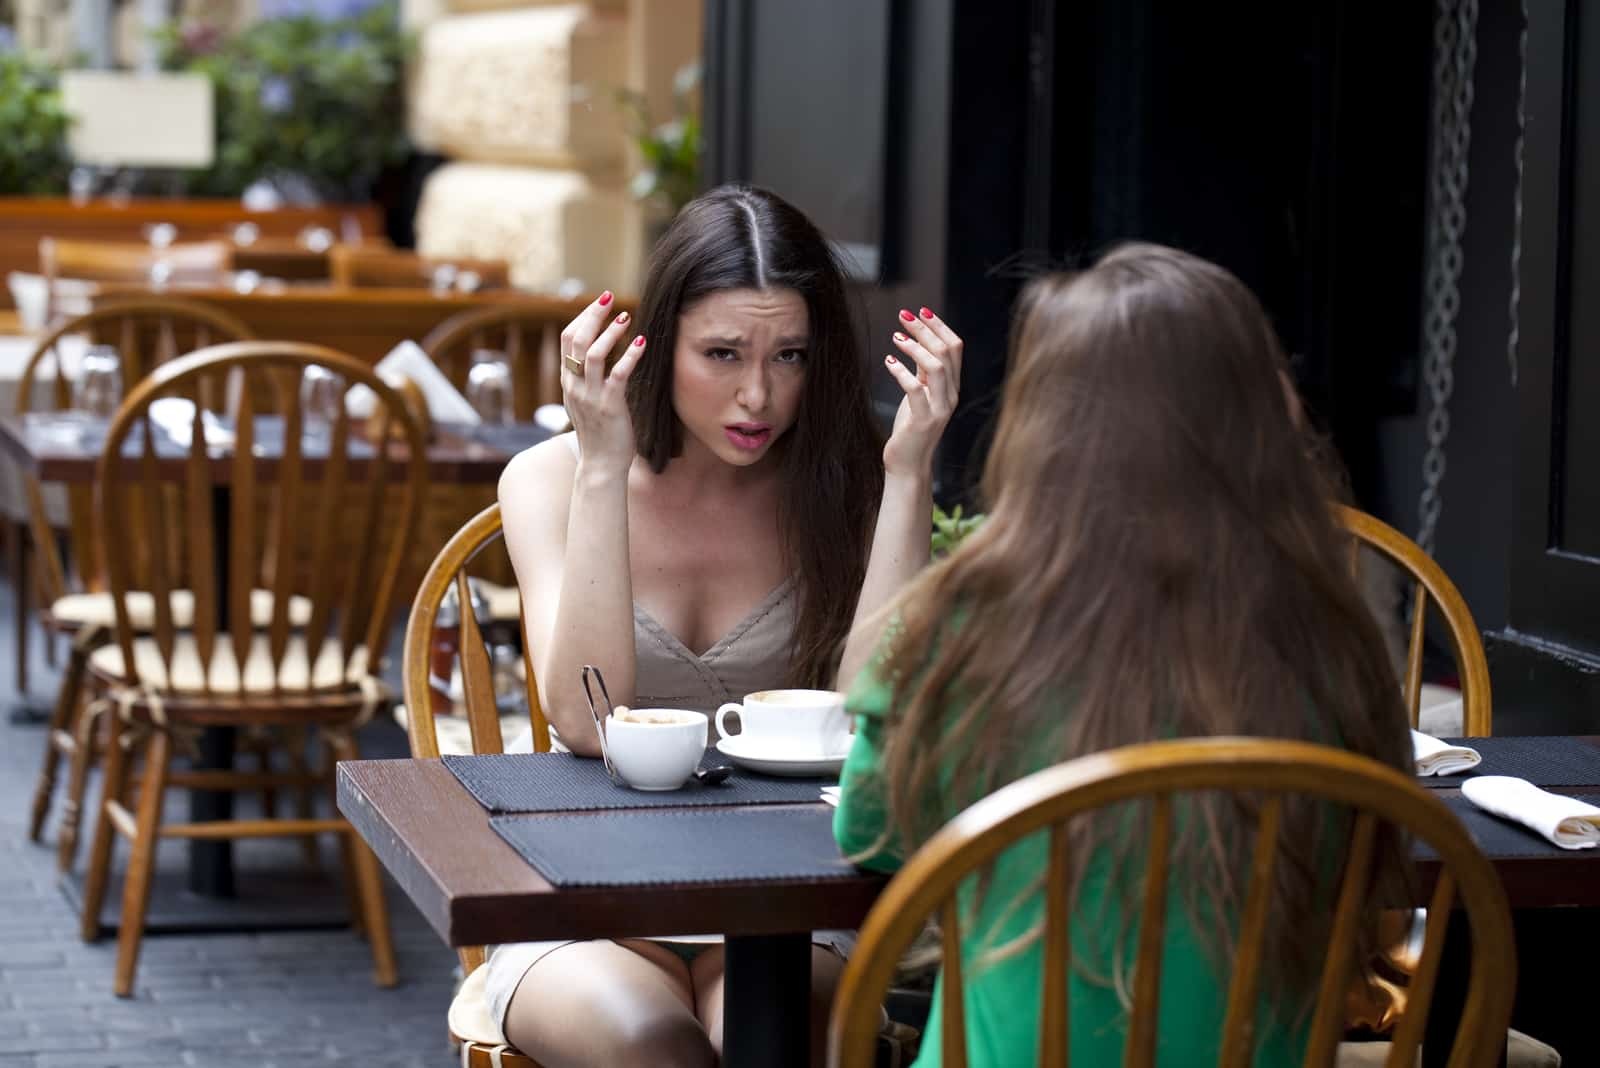 Freunde sitzen auf der Terrasse des Cafés und unterhalten sich ernsthaft